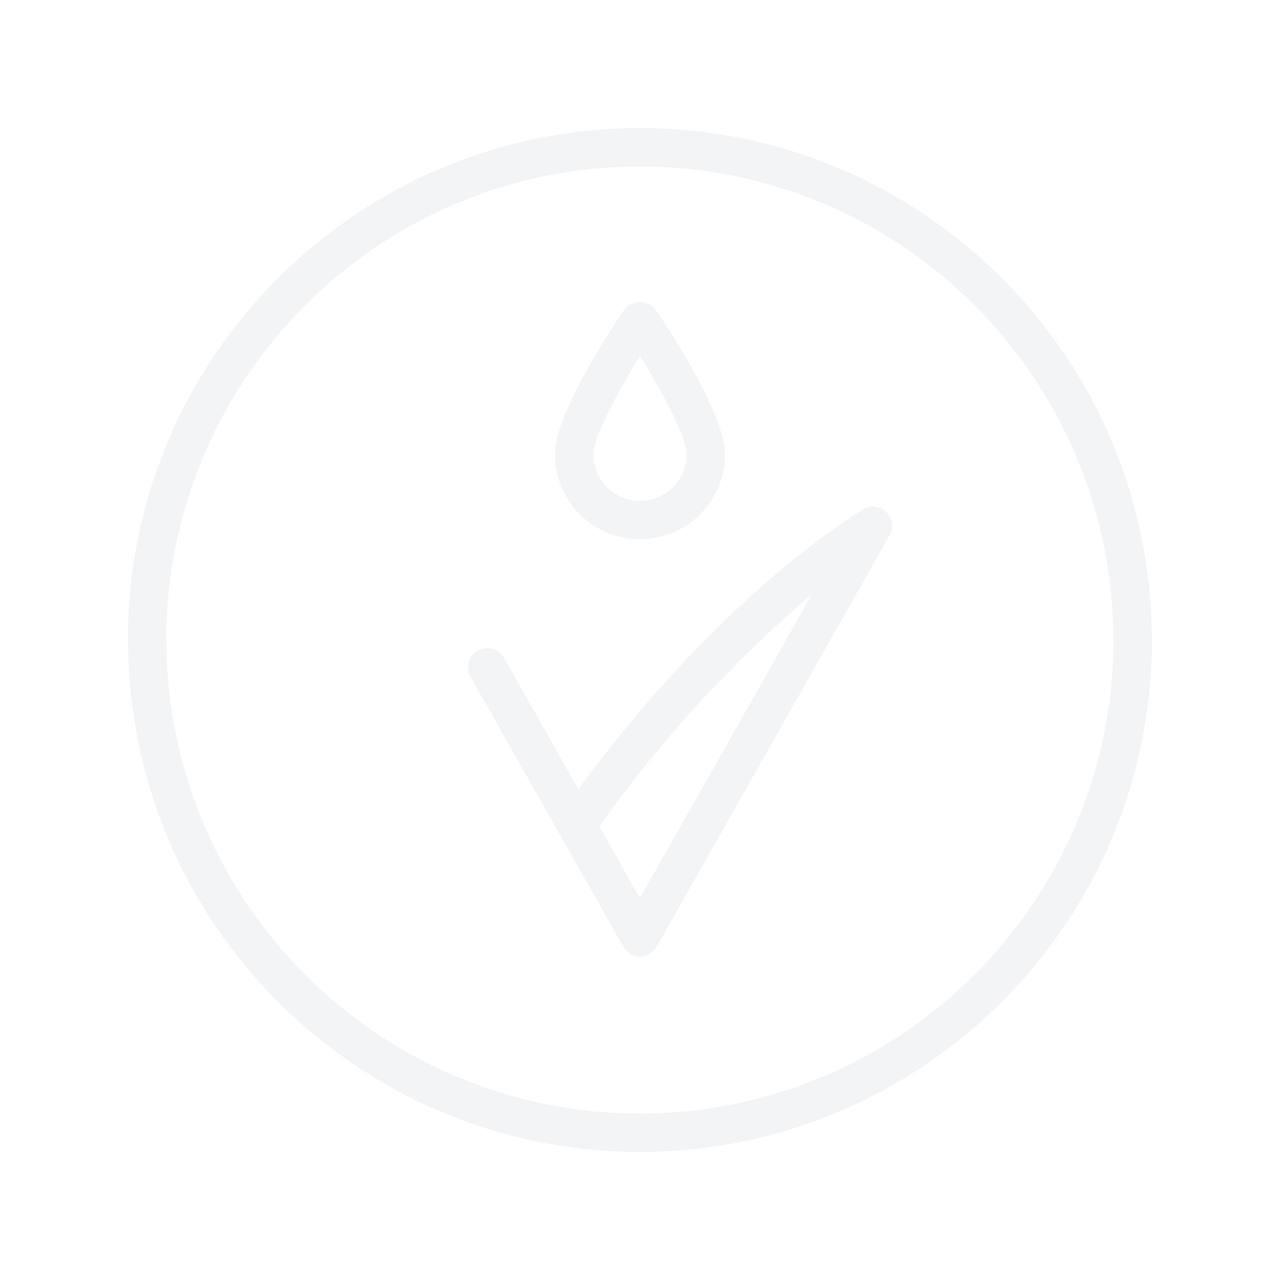 DECLEOR Hydra Floral Anti-Pollution Hydrating Rich Cream 50ml